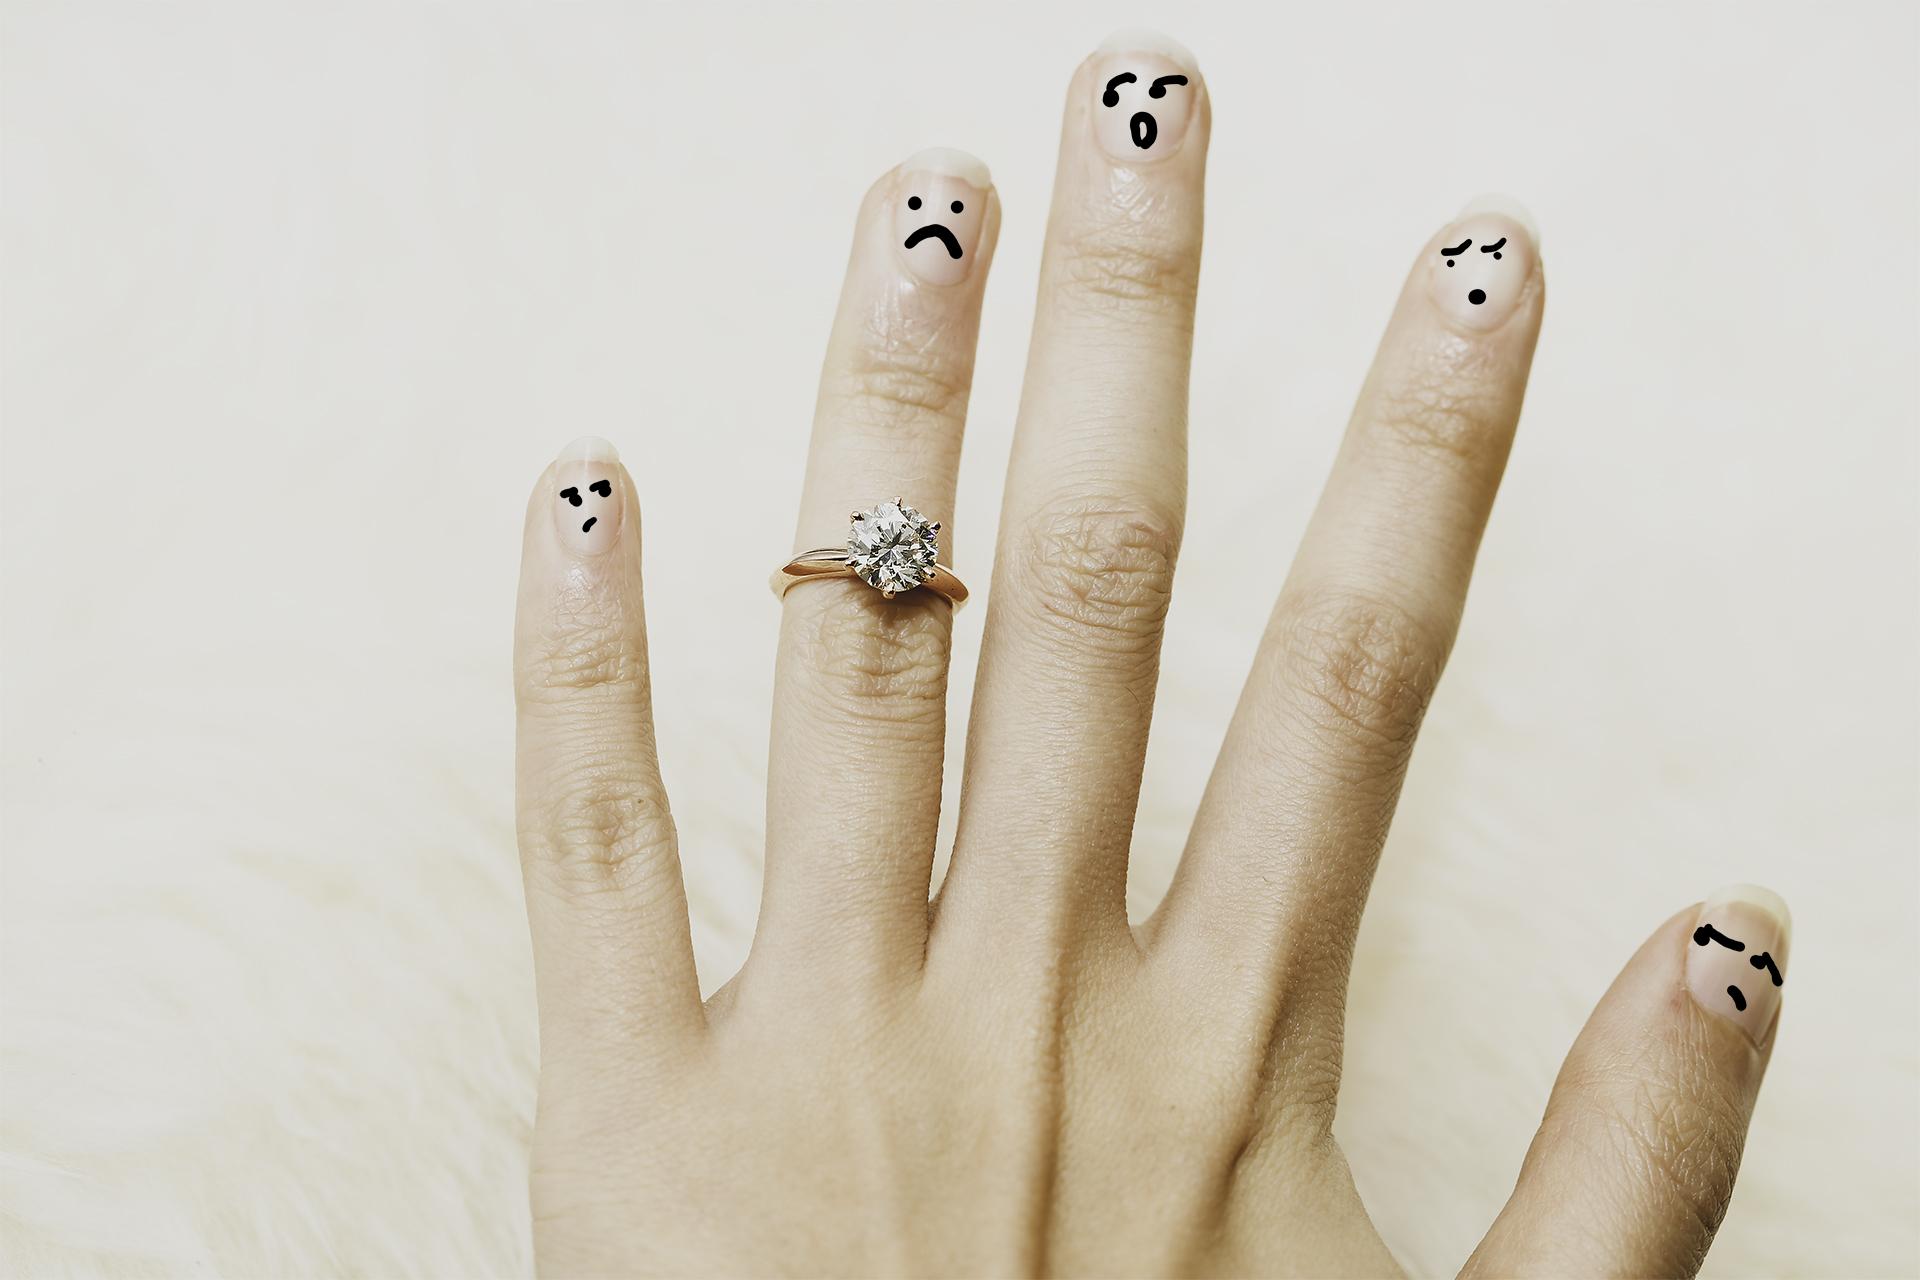 戒指變鬆變緊怎麼辦